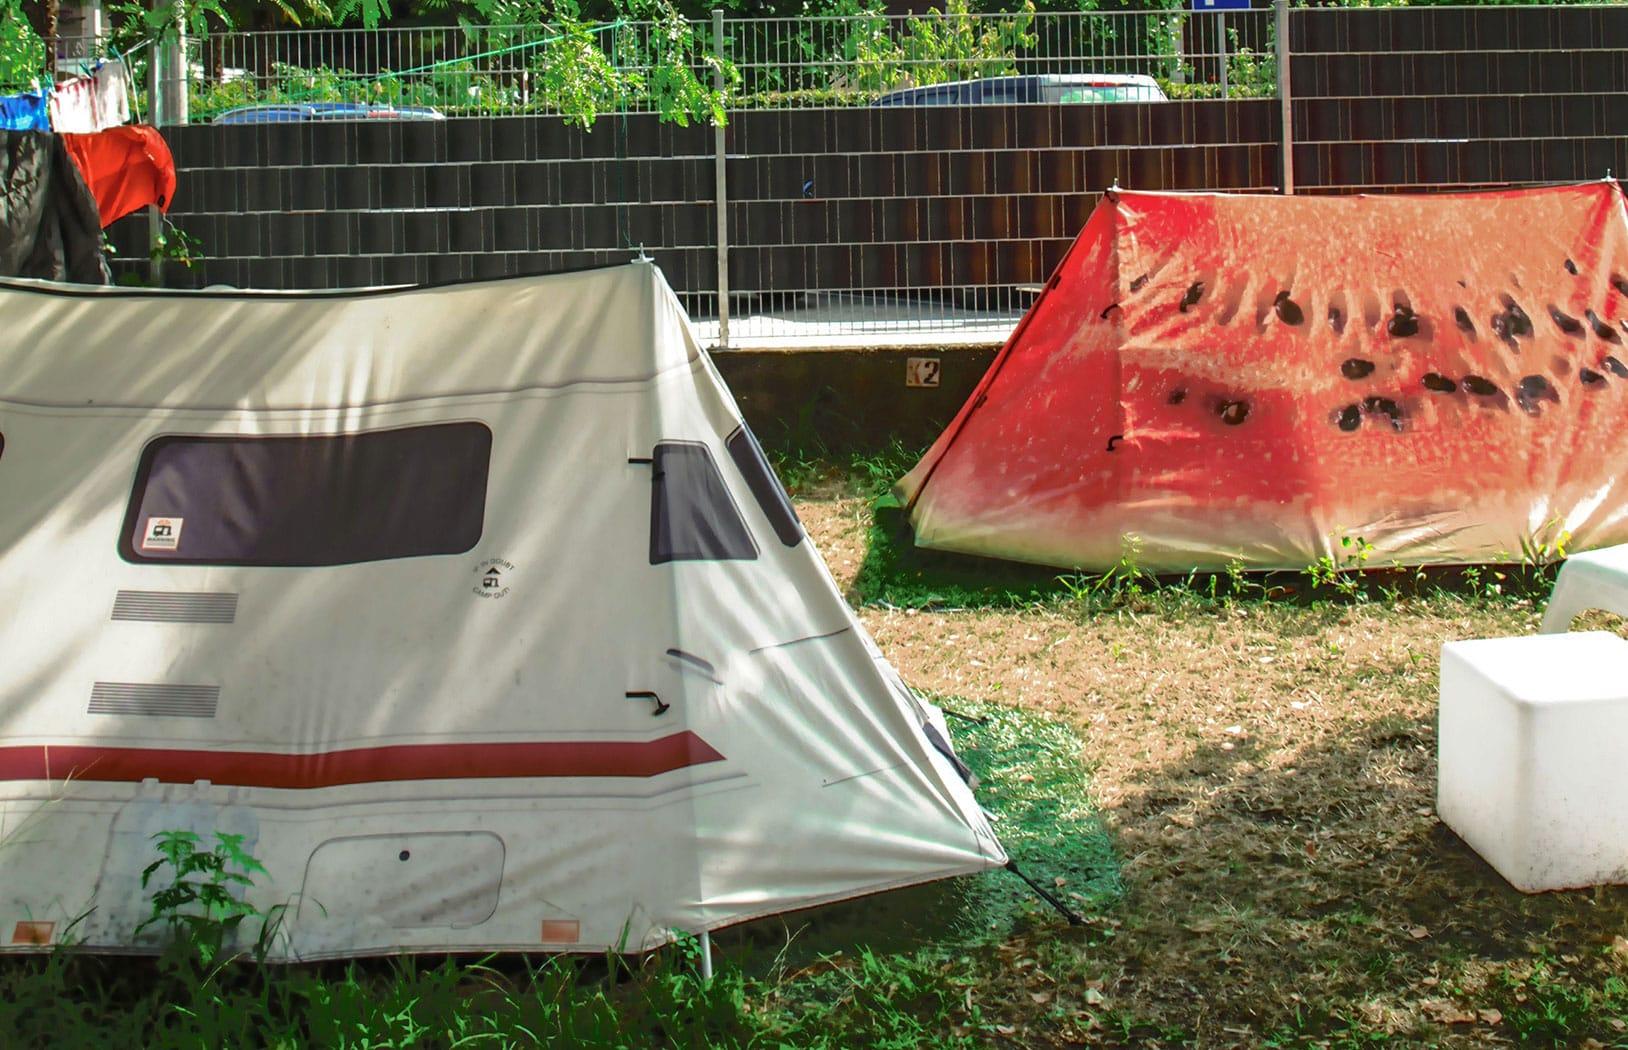 Unsere außergewöhnlichen Zelte mieten